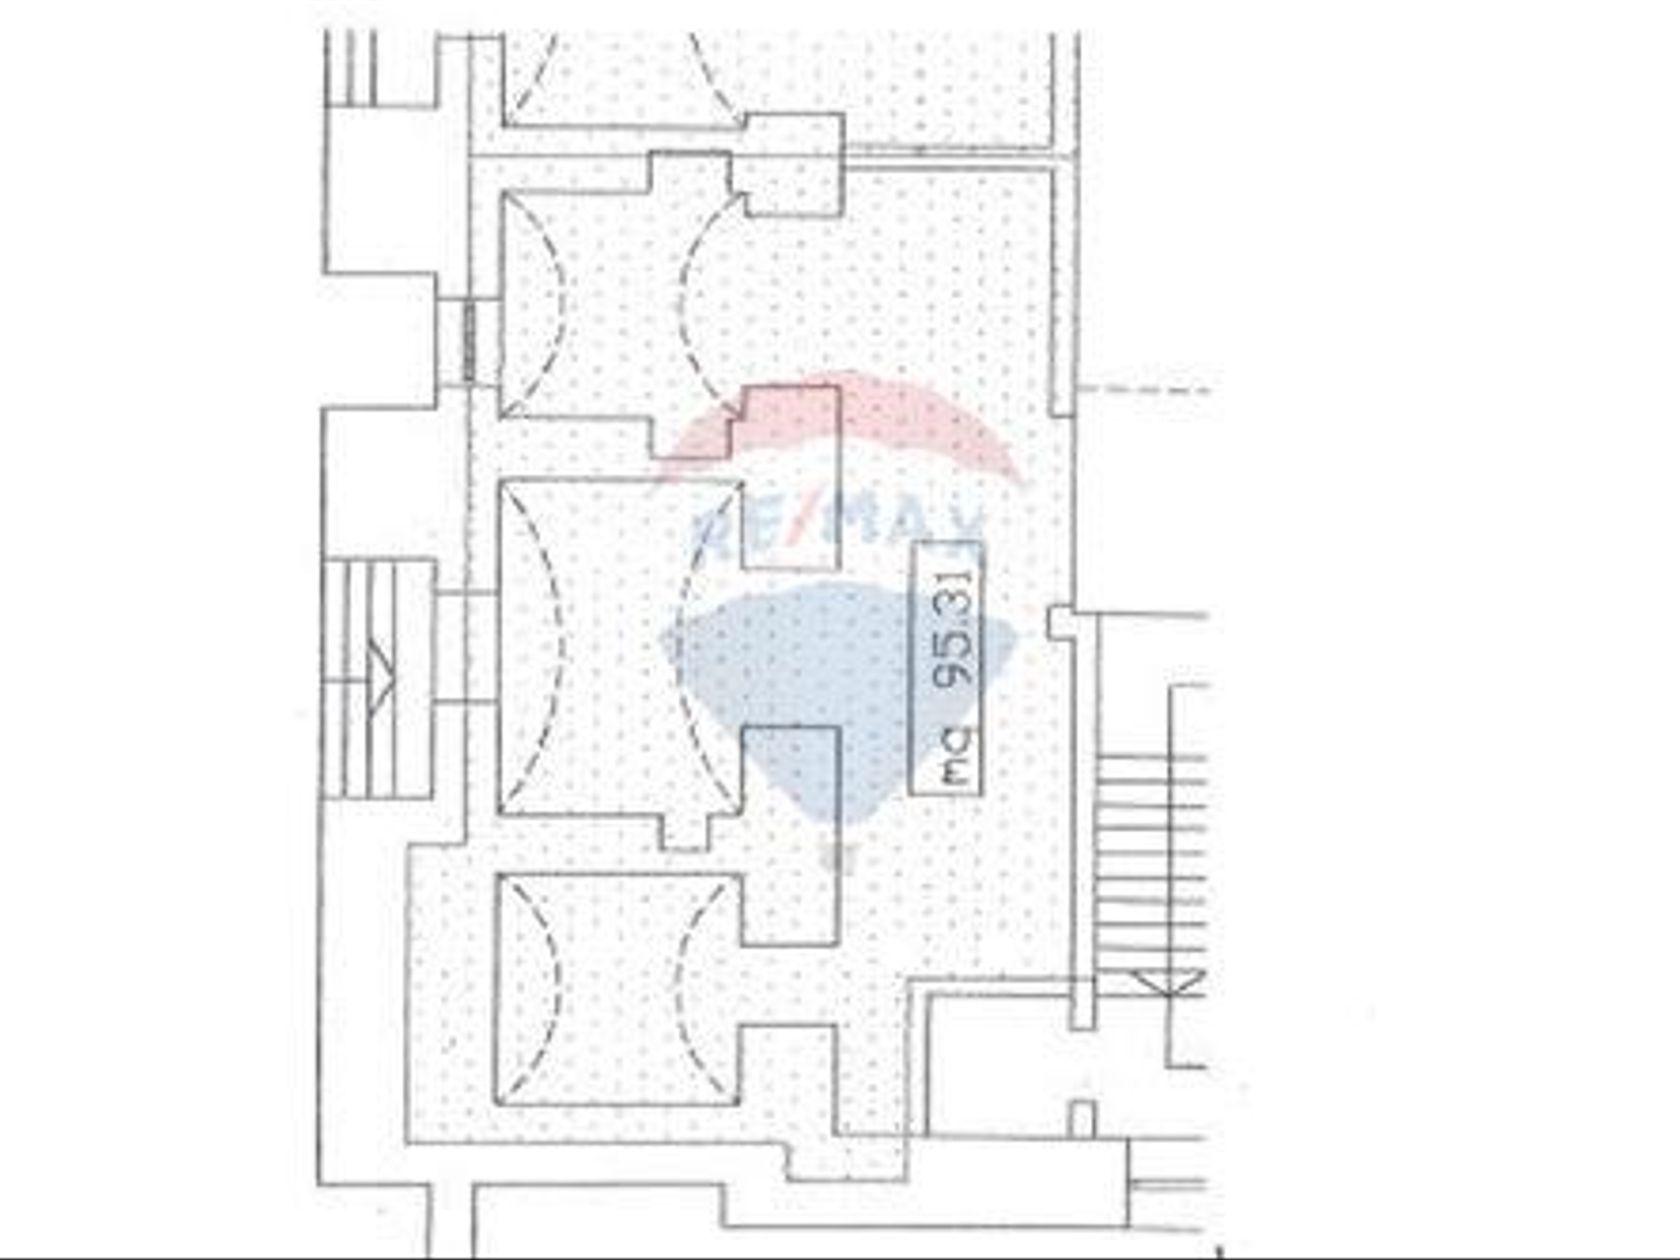 Negozio Zona Centro, Aversa, CE Vendita